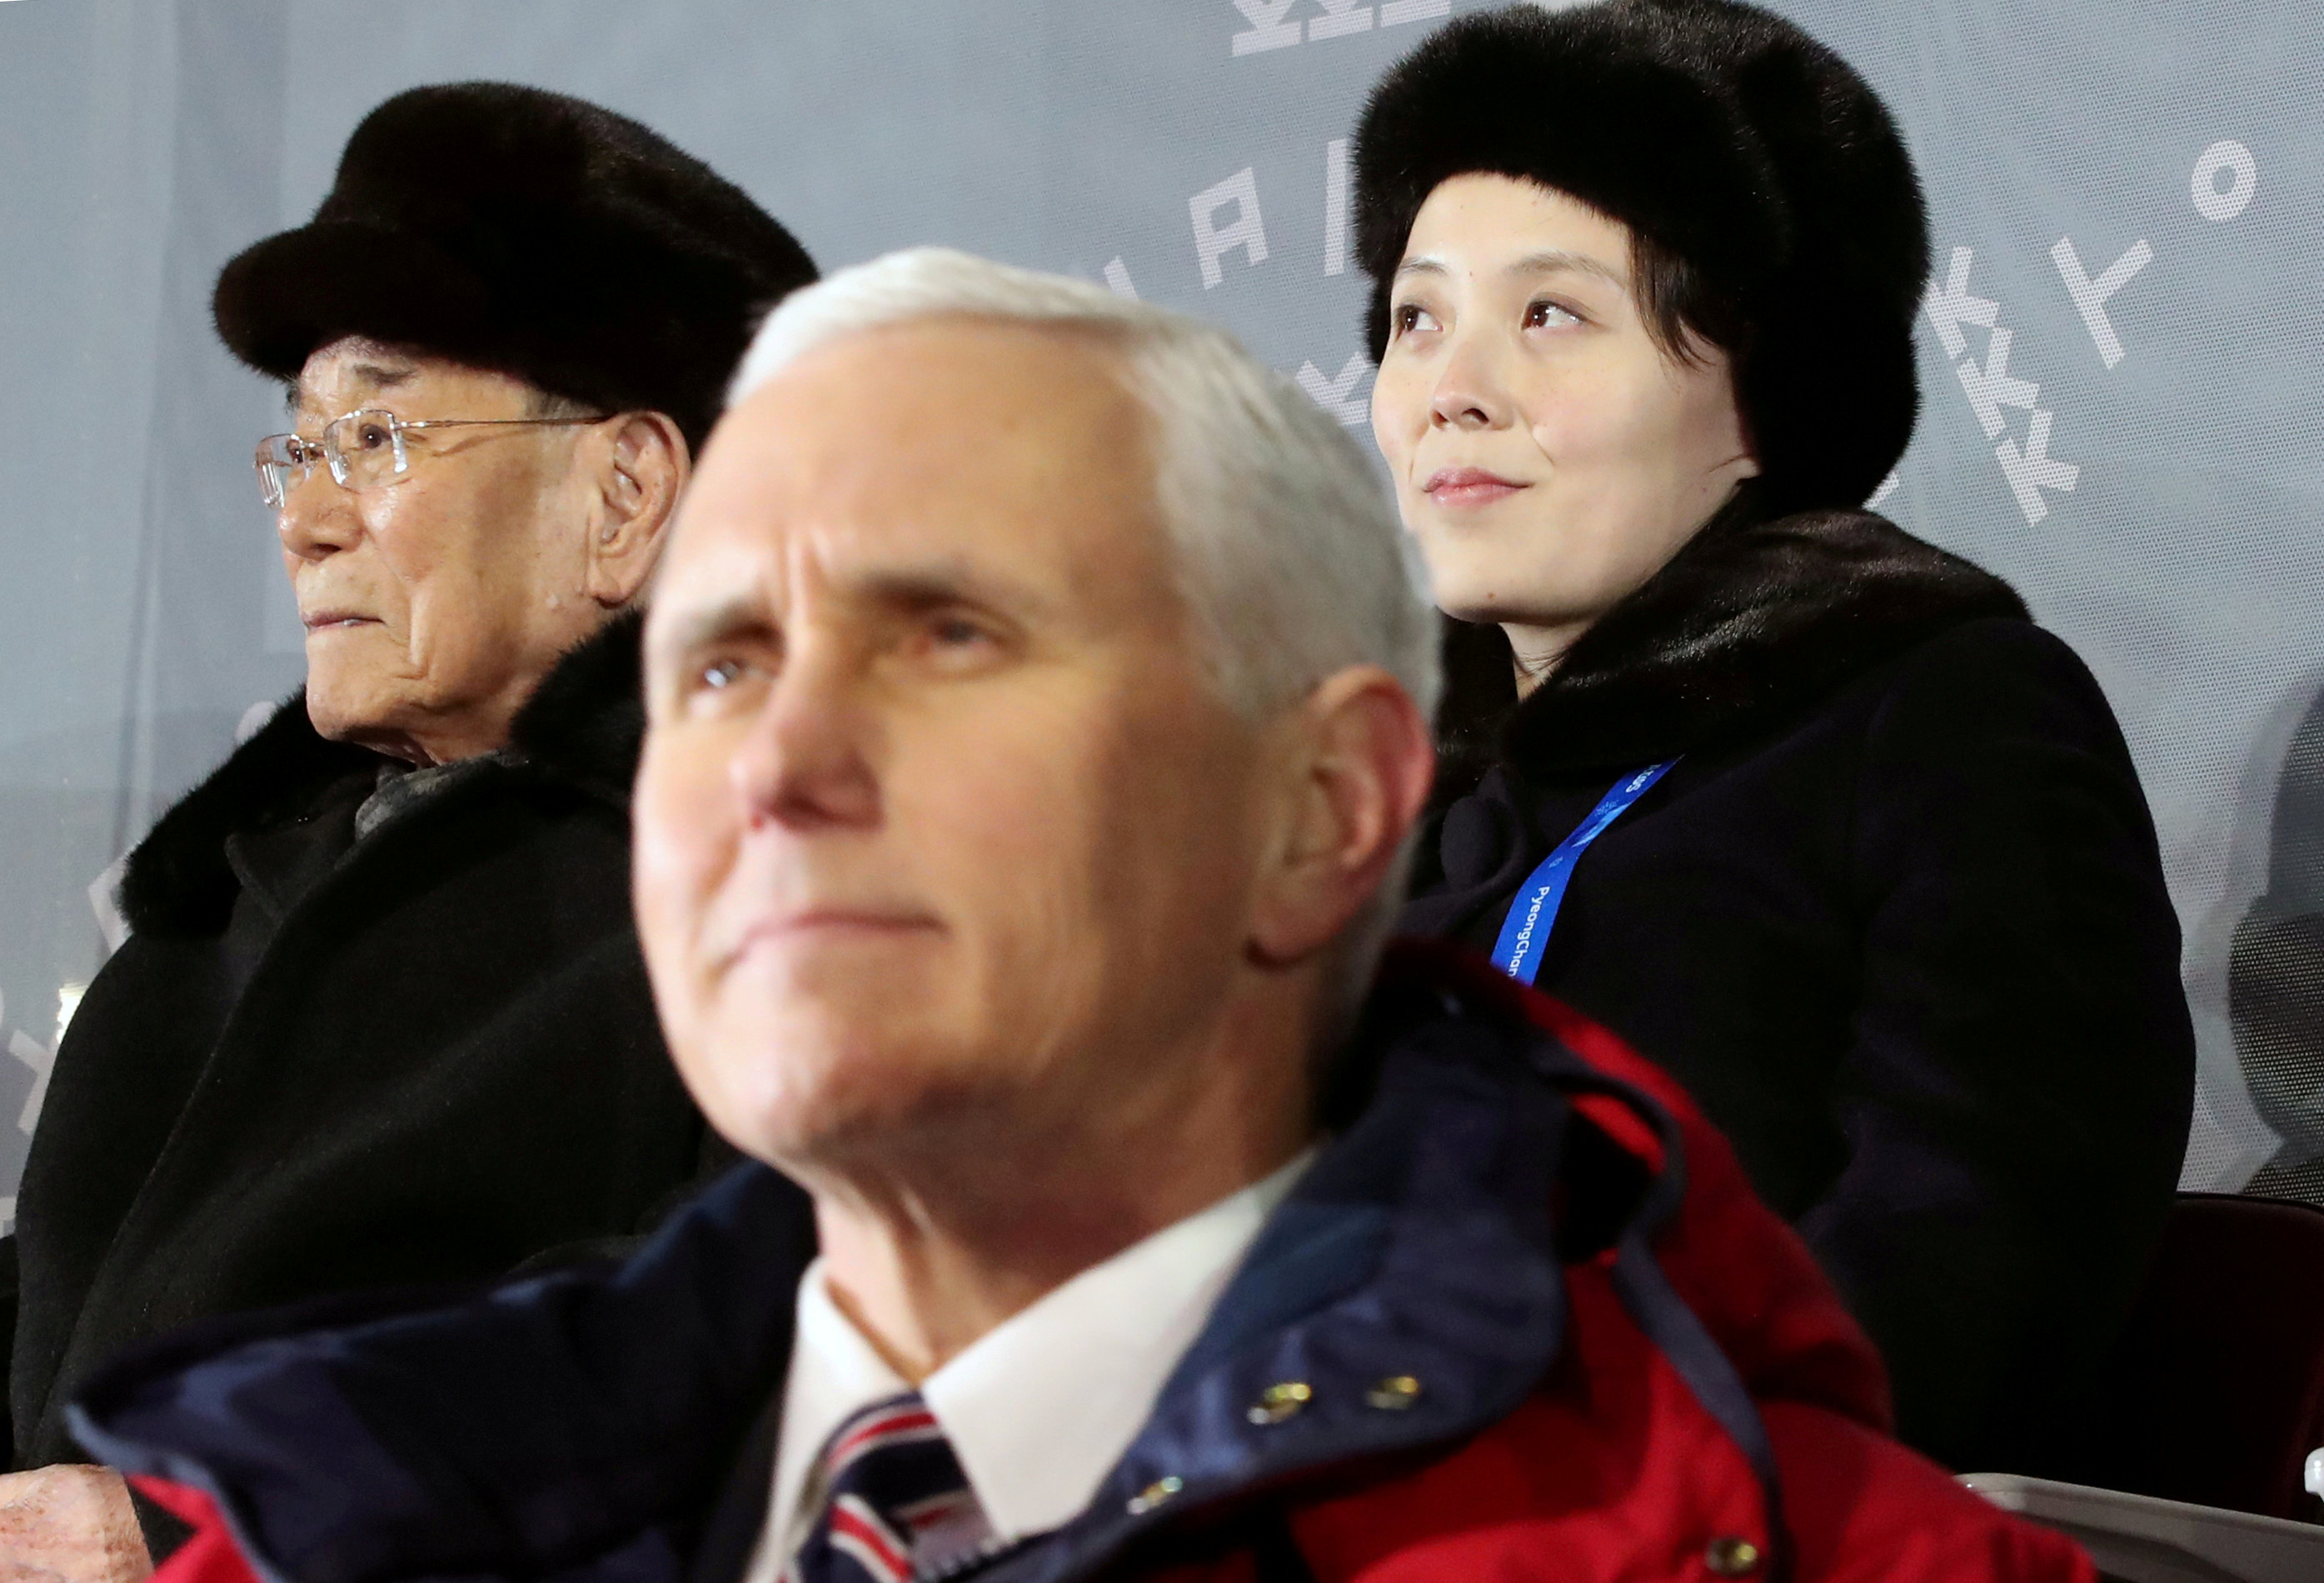 El vicepresidente Mike Pence y la norcoreana Kim Yo-jong no intercambiaron saludos en el palco oficial